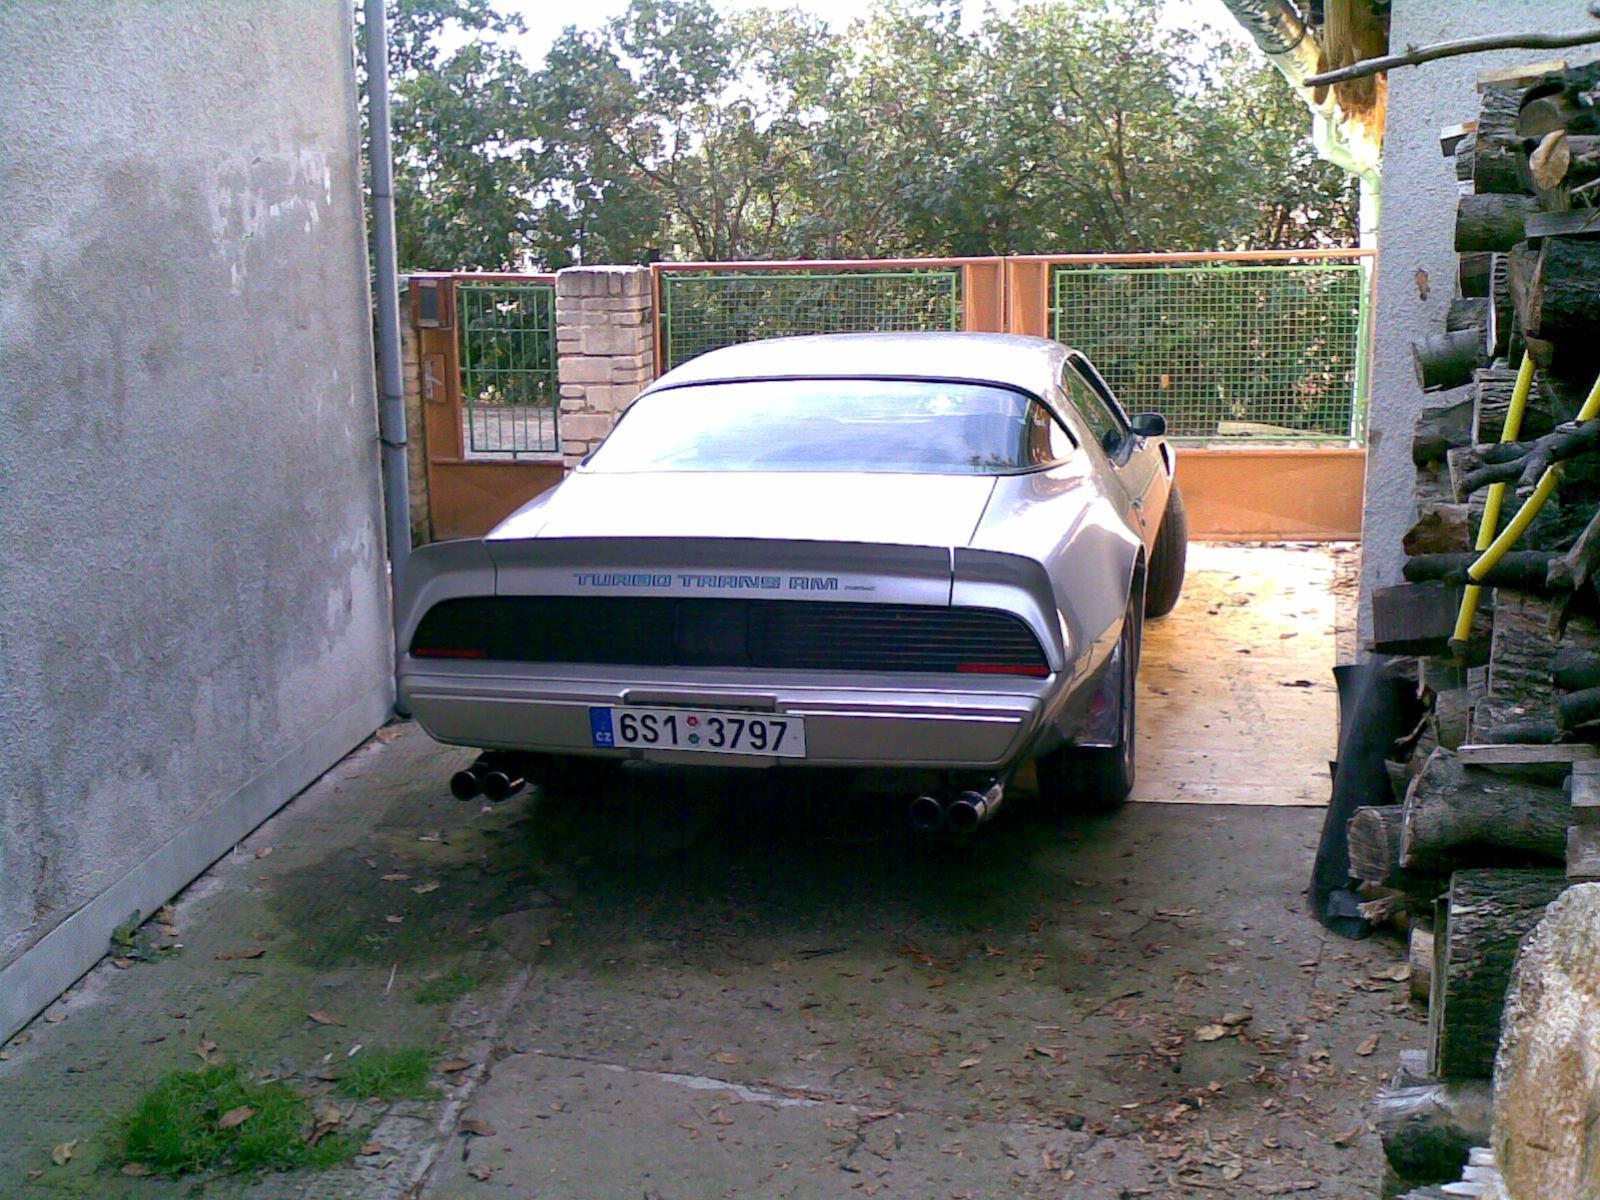 1979 Pontiac Firebird v8 gasoline - Basic info - Pontiac CLUB